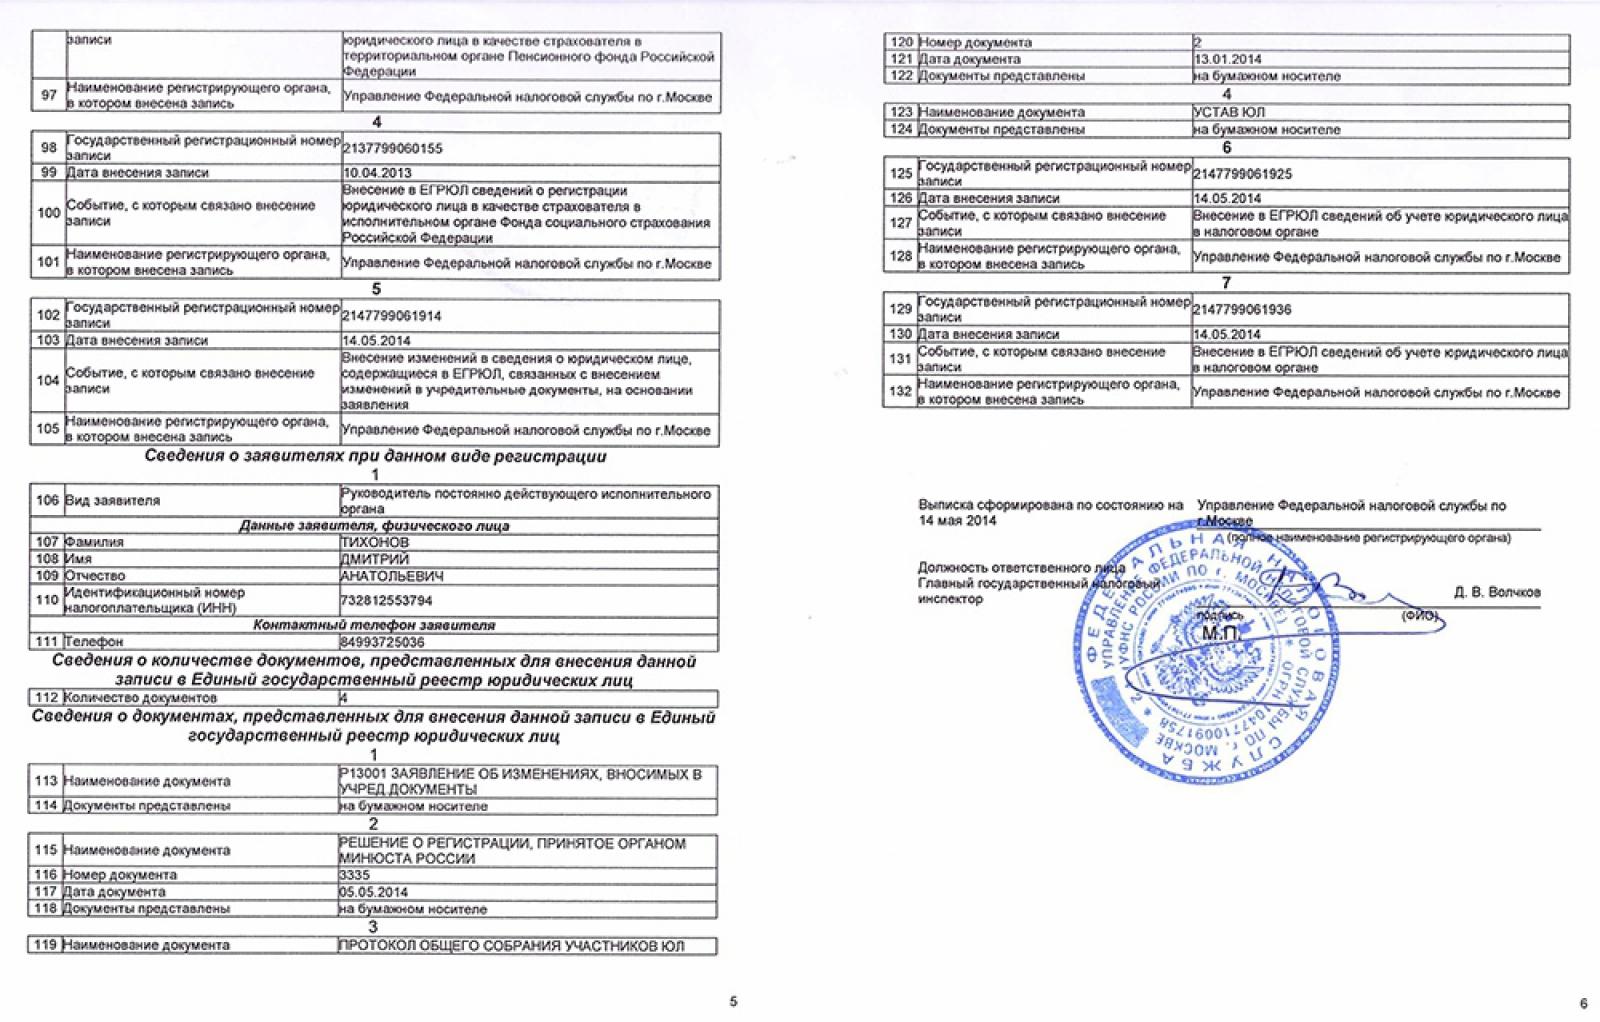 Как сделать выписка из единого государственного реестра юридических лиц